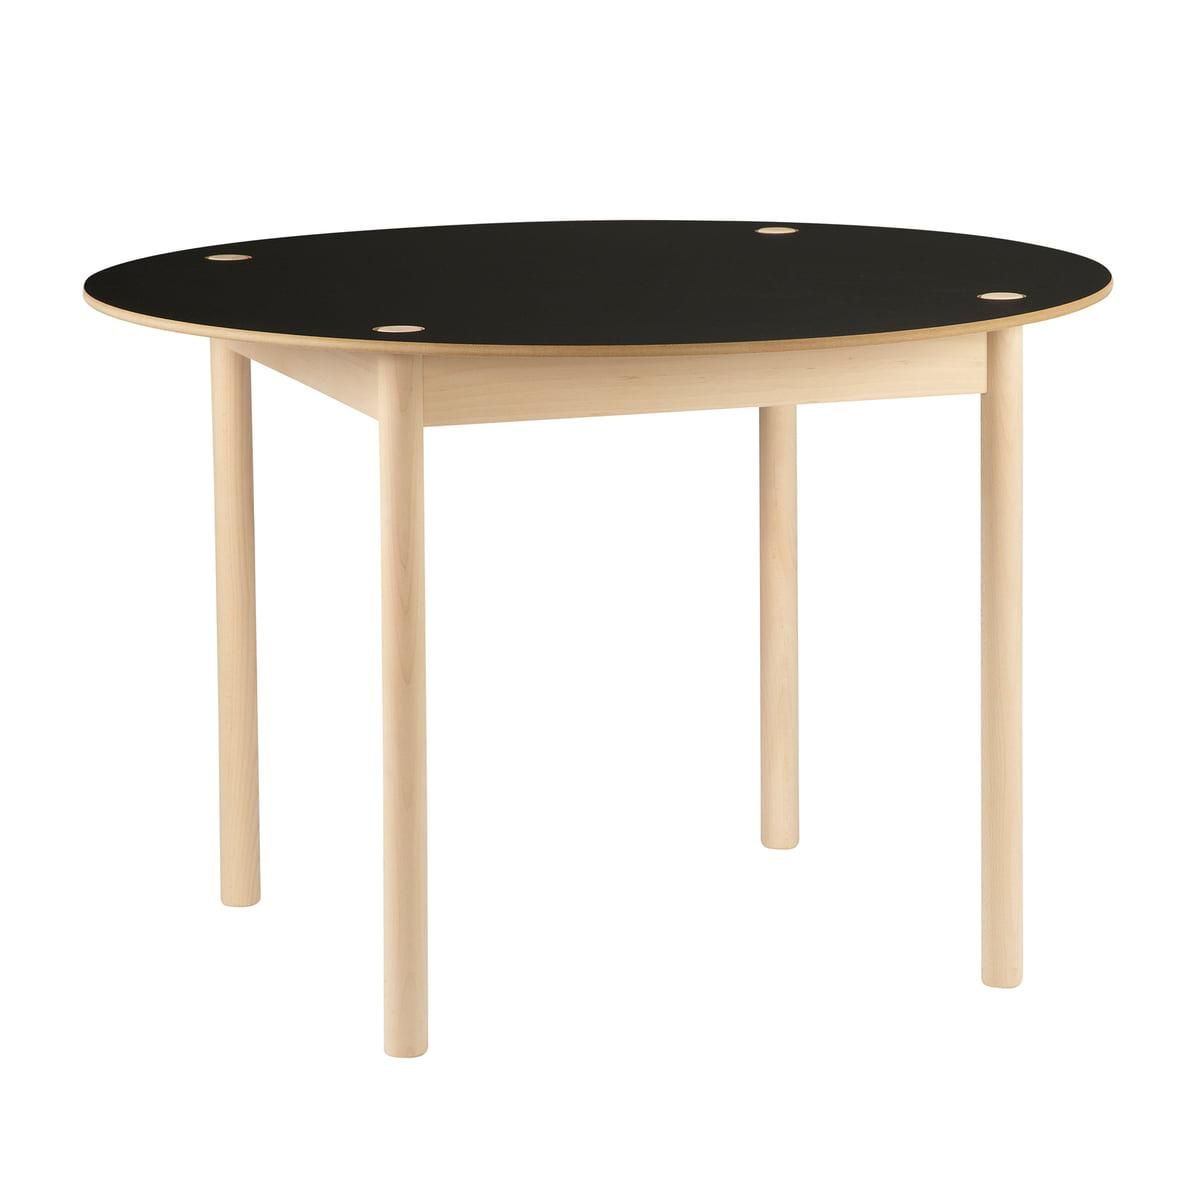 Tisch designklassiker rund  C44 Tisch rund von Hay im Design-Shop